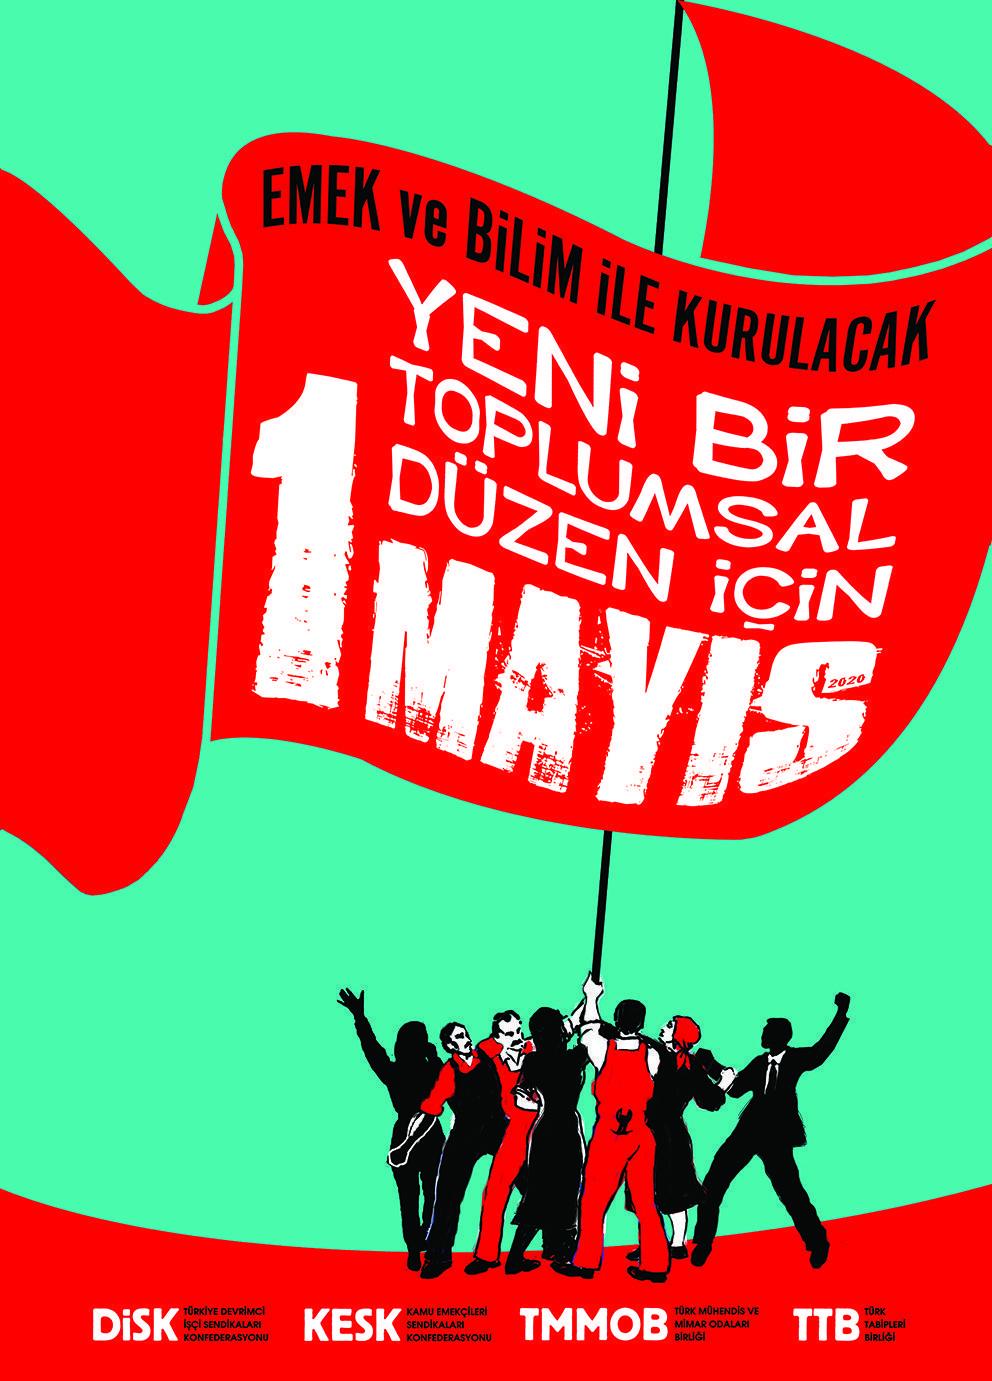 KESK-DİSK-TMMOB-TTB: Emek ve Bilim ile Kurulacak Yeni Bir Toplumsal Düzen İçin 1 Mayıs